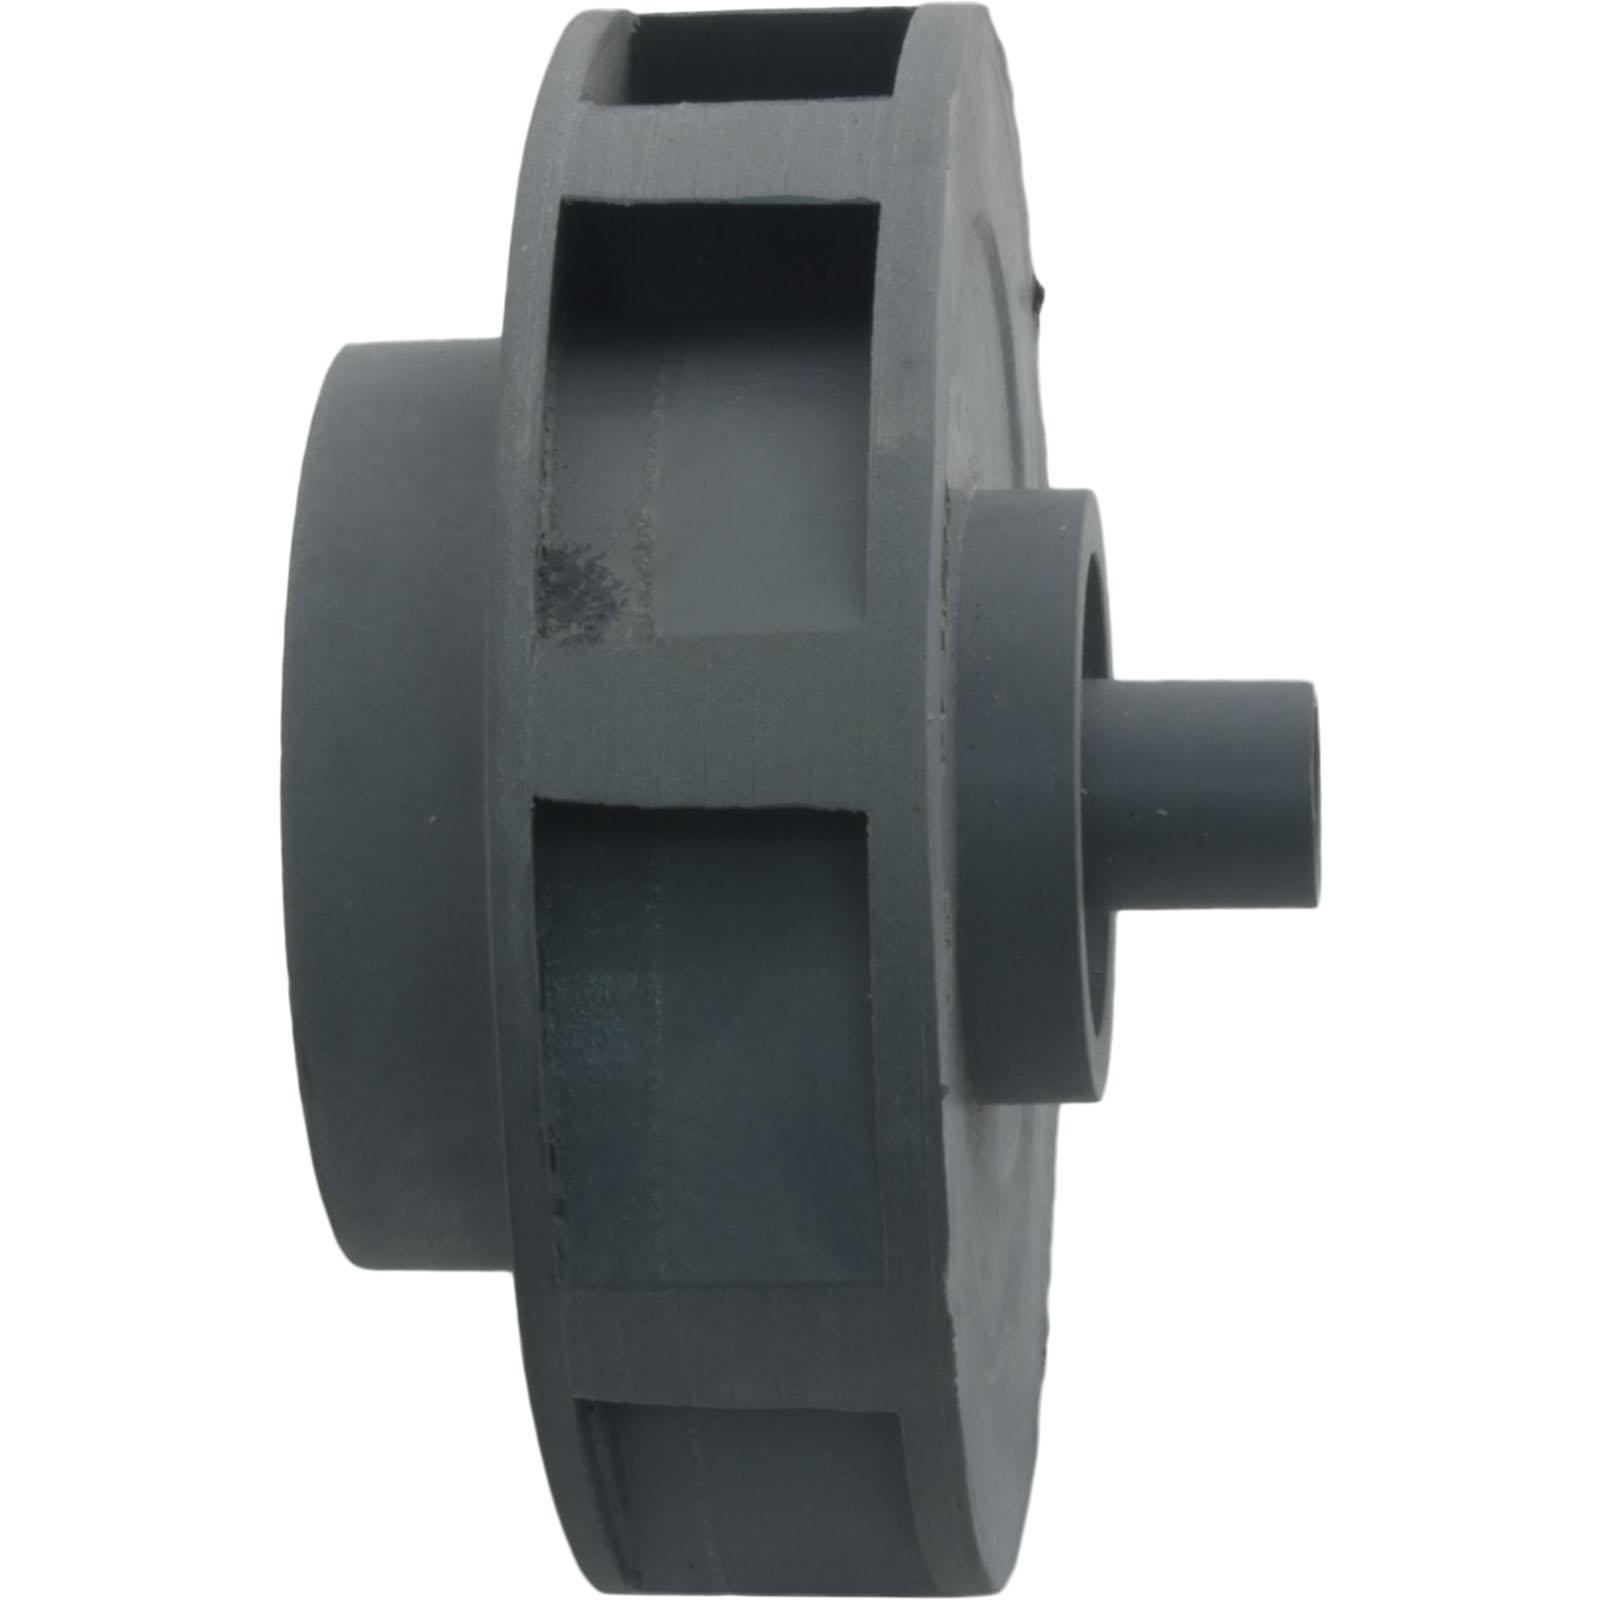 Impeller, Acura Spa Aquaheat Plus/Magnaflow, 4.5hp, 2-spd